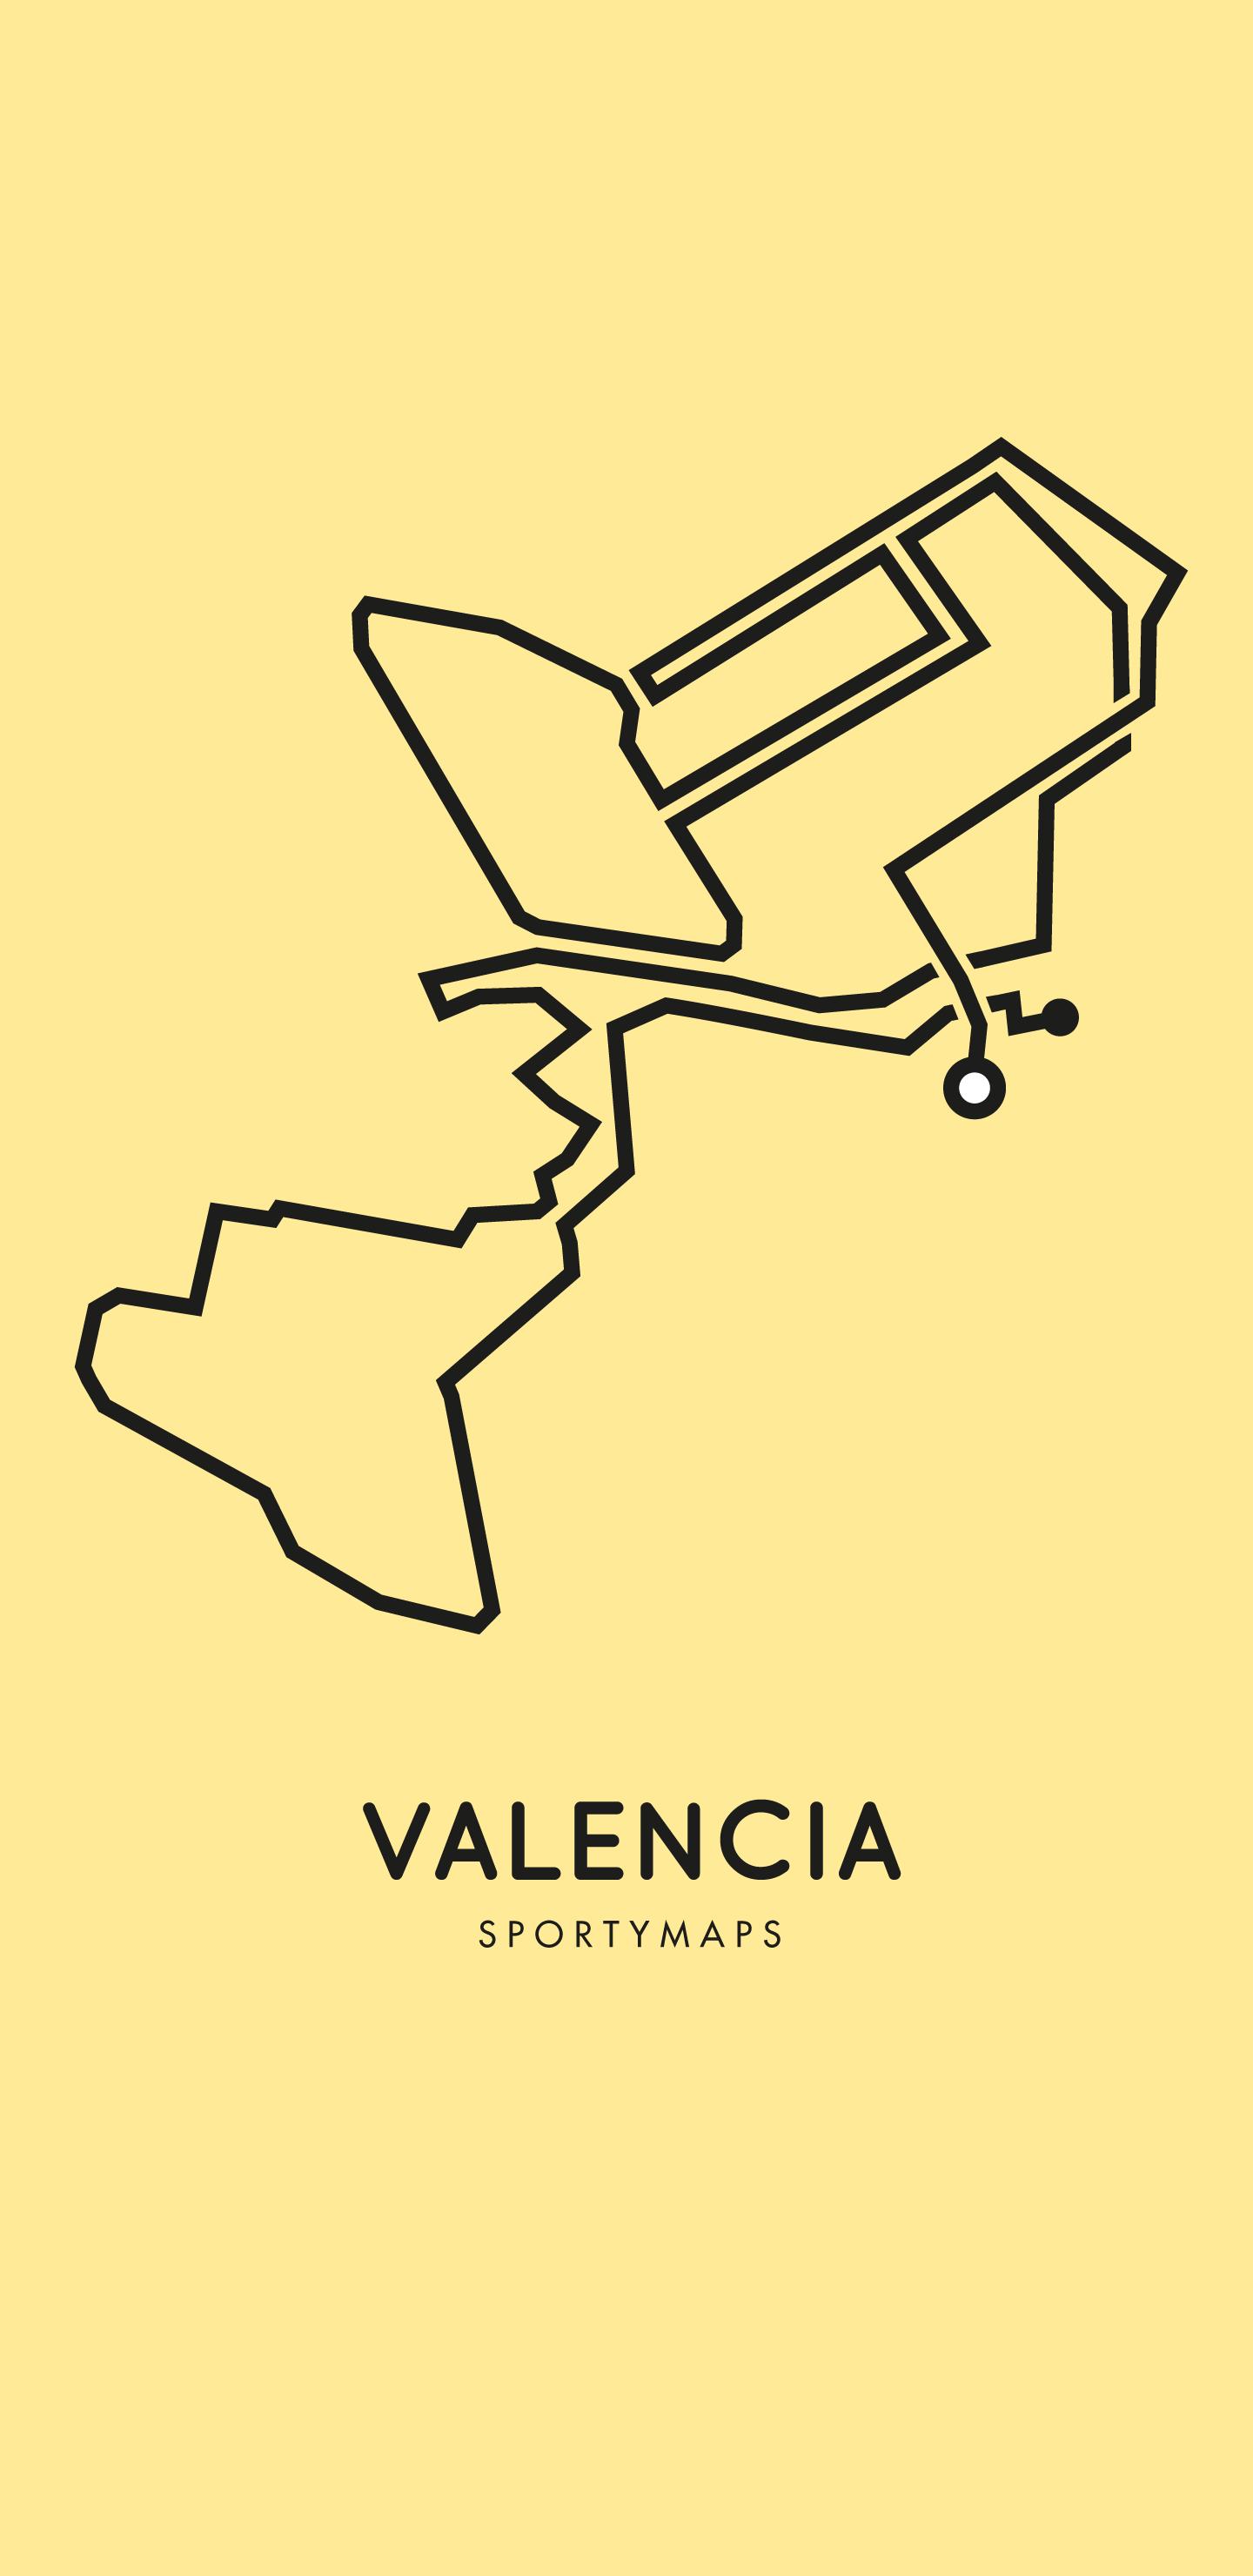 Sportymaps-Valencia-marathon-yellow